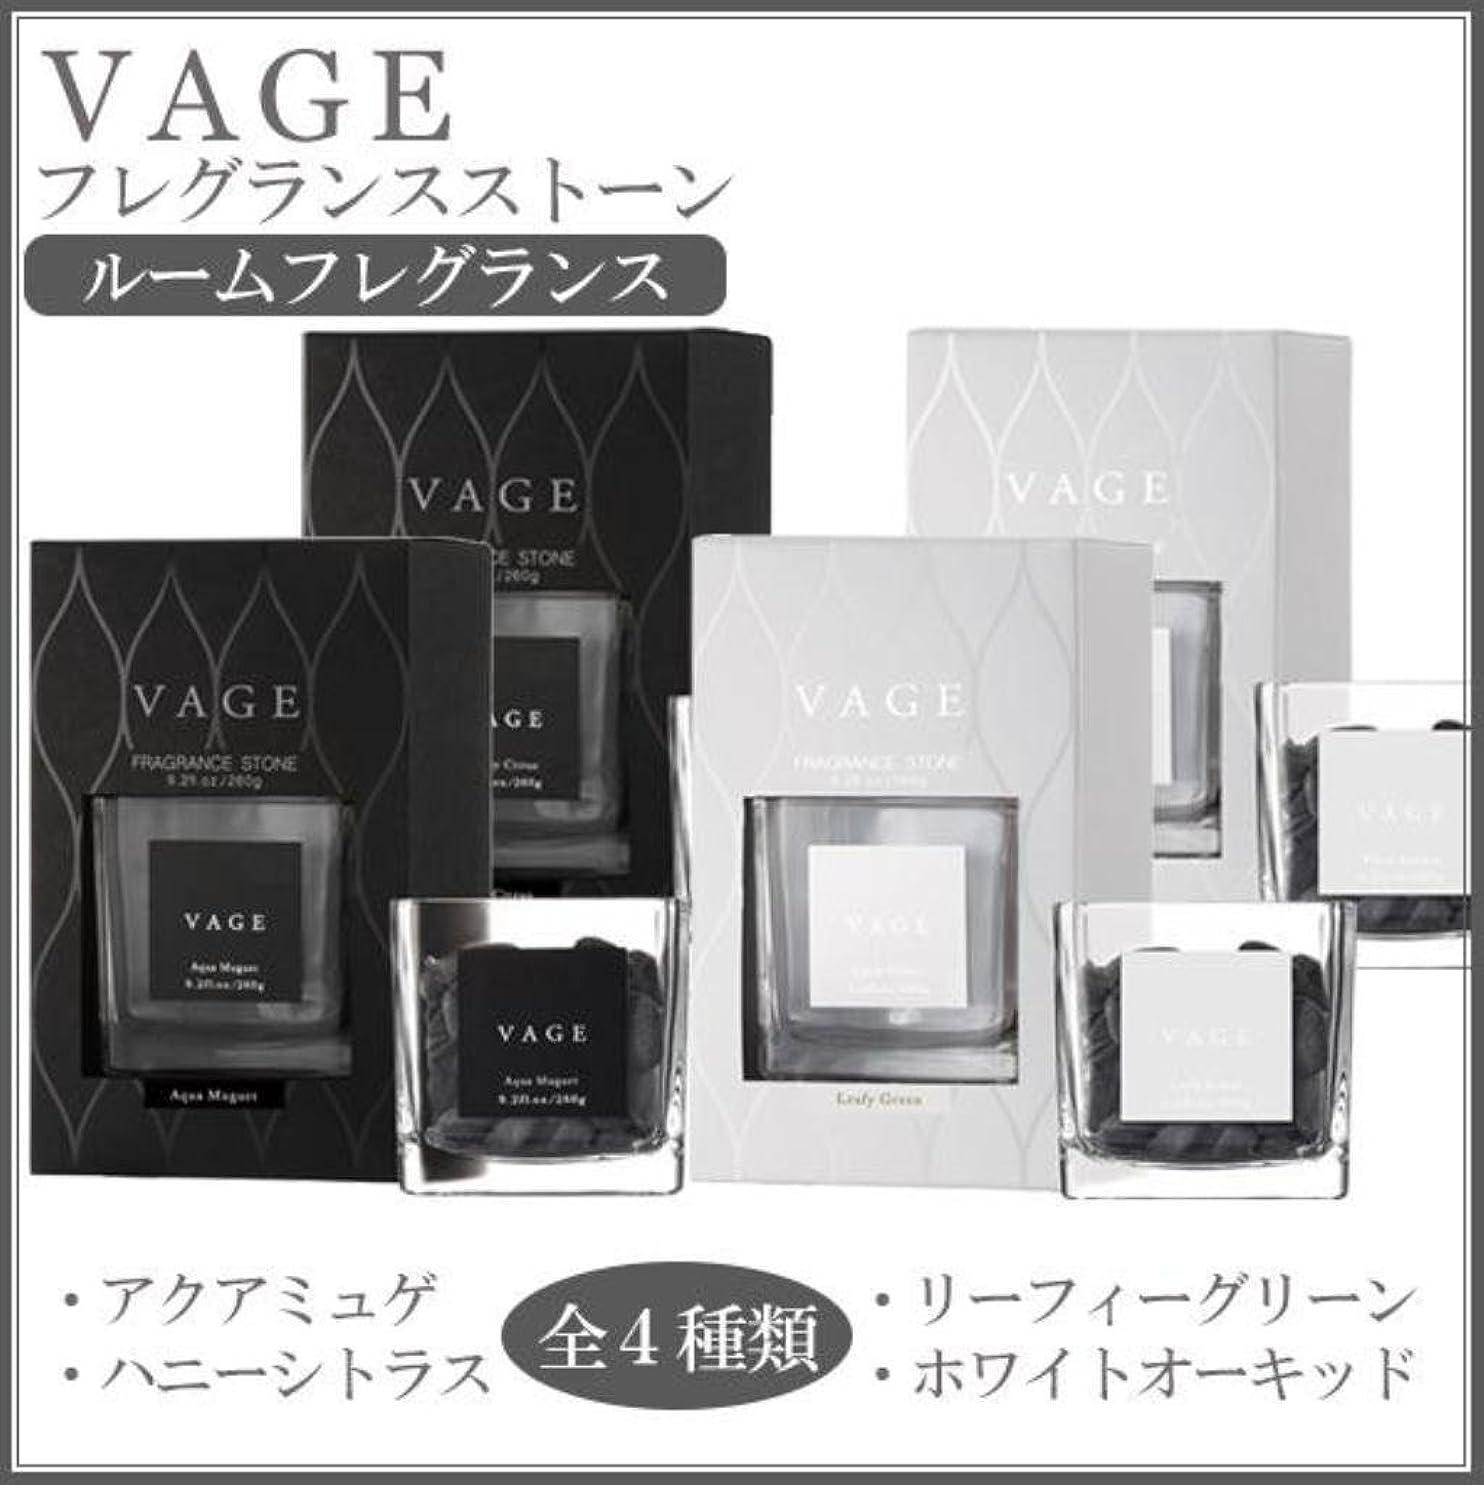 甘味セッション電圧VAGE(バーグ) フレグランスストーン ルームフレグランス 260g アクアミュゲ?6187